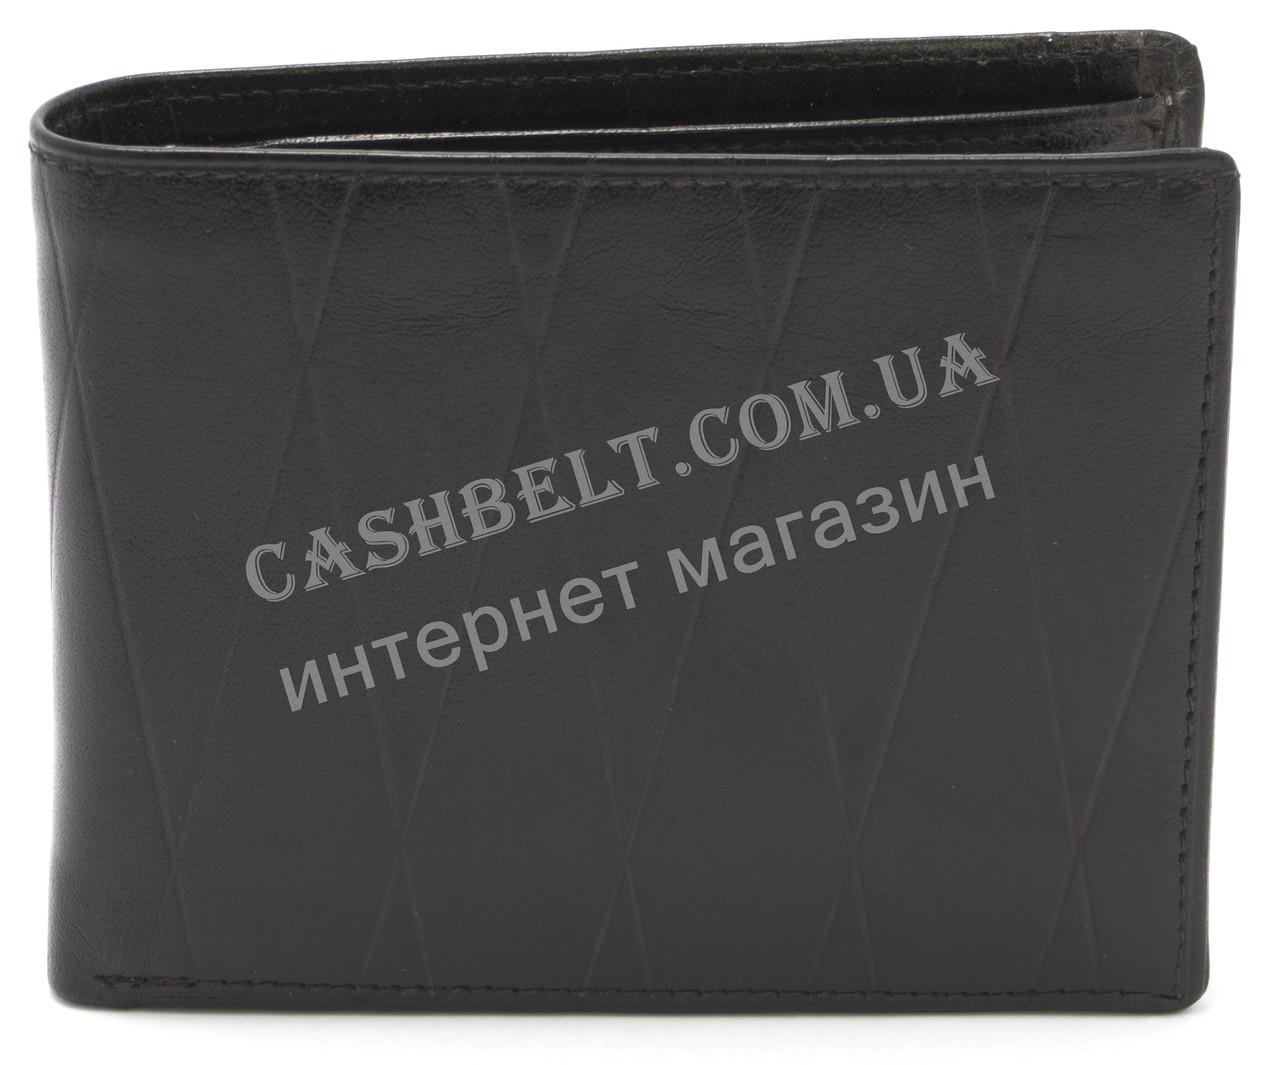 Оригинальный практичный кожаный мужской кошелек WENZ art. 617B черного цвета